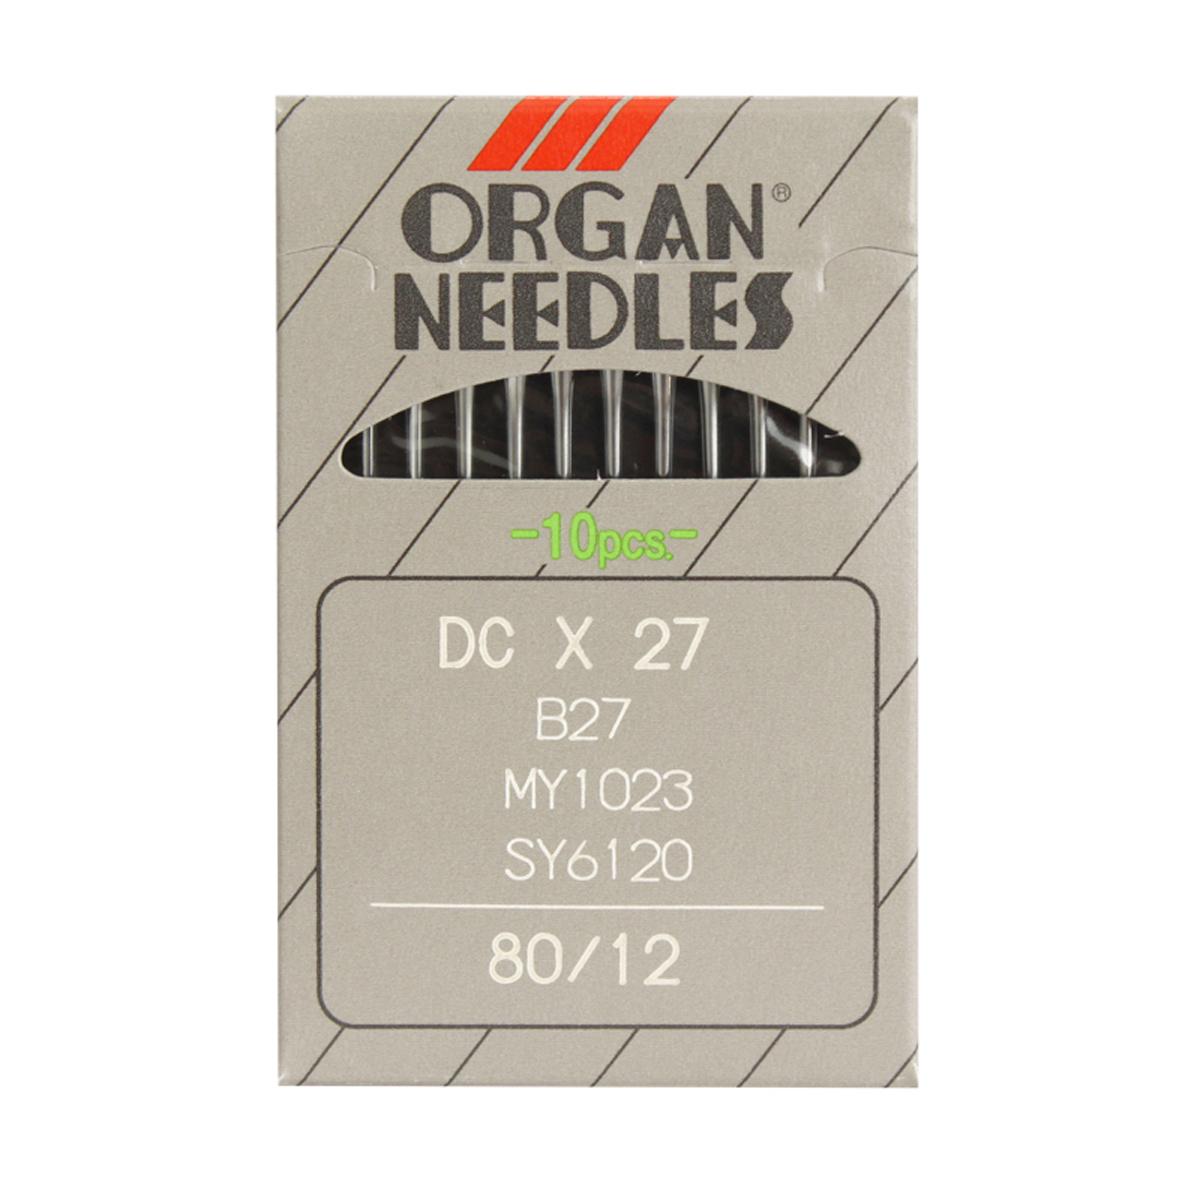 Иглы для промышленных швейных машин Organ, DCx27/80, 10 шт162274Иглы для промышленных швейных машин Organ с маркировкой DCx27 предназначены для оверлочных швейных машин. Иглы используются для пошива всех видов тканей. Острие игл тонкое, стандартное. Предназначены для оверлоков 51, 208 класса, их модификаций и импортных аналогов. В промышленных машинах используются иглы с круглыми колбами, в отличие от игл бытовых машин, у которых колбы плоские. Круглая колба позволяет при наладке машины и установке иглы поворачивать (вращать) иглу, закрепляя ее в нужном положении. Диаметр колбы: 2,02 мм. Длина иглы: 28,6 мм. Номер игл: 80.